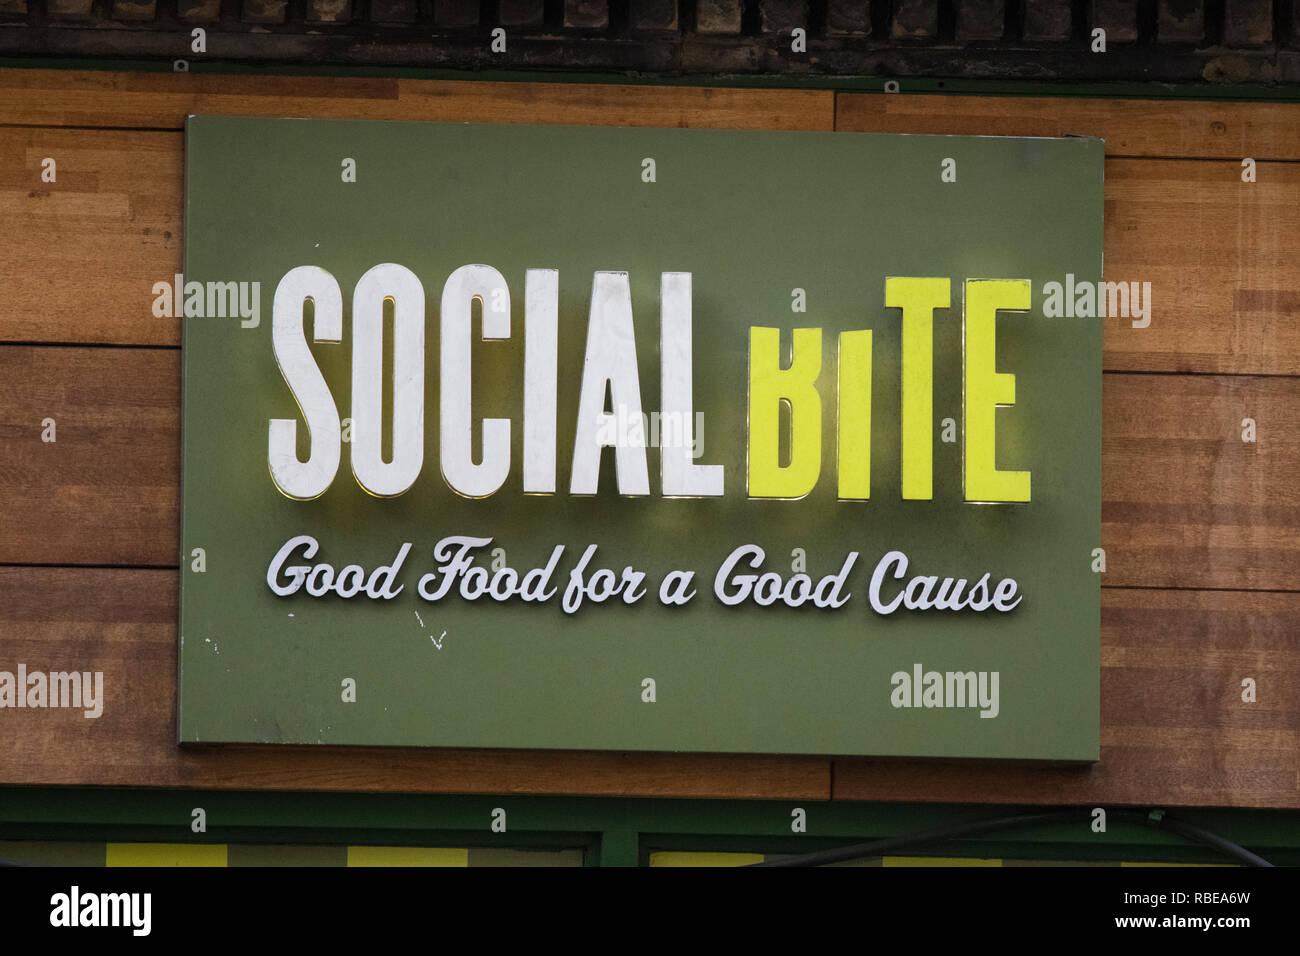 Soziale Biss cafe Zeichen, Glasgow, Schottland, Großbritannien Stockbild